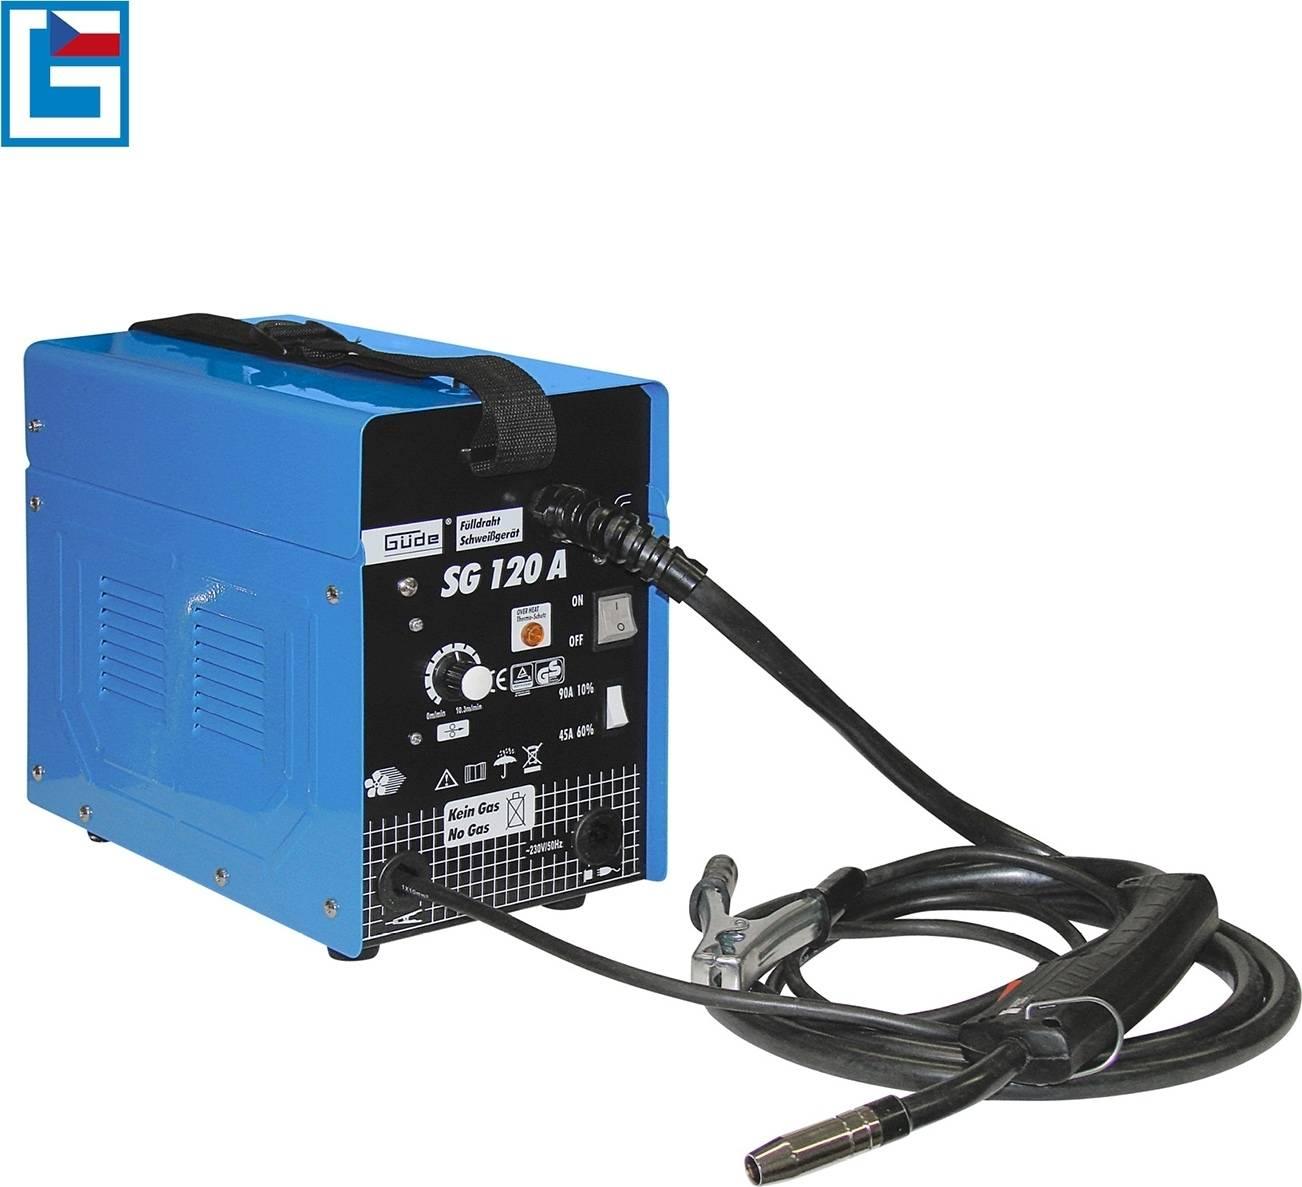 Svářečka SG 120 A s plněnou drátovou elektrodou 20070 GÜDE